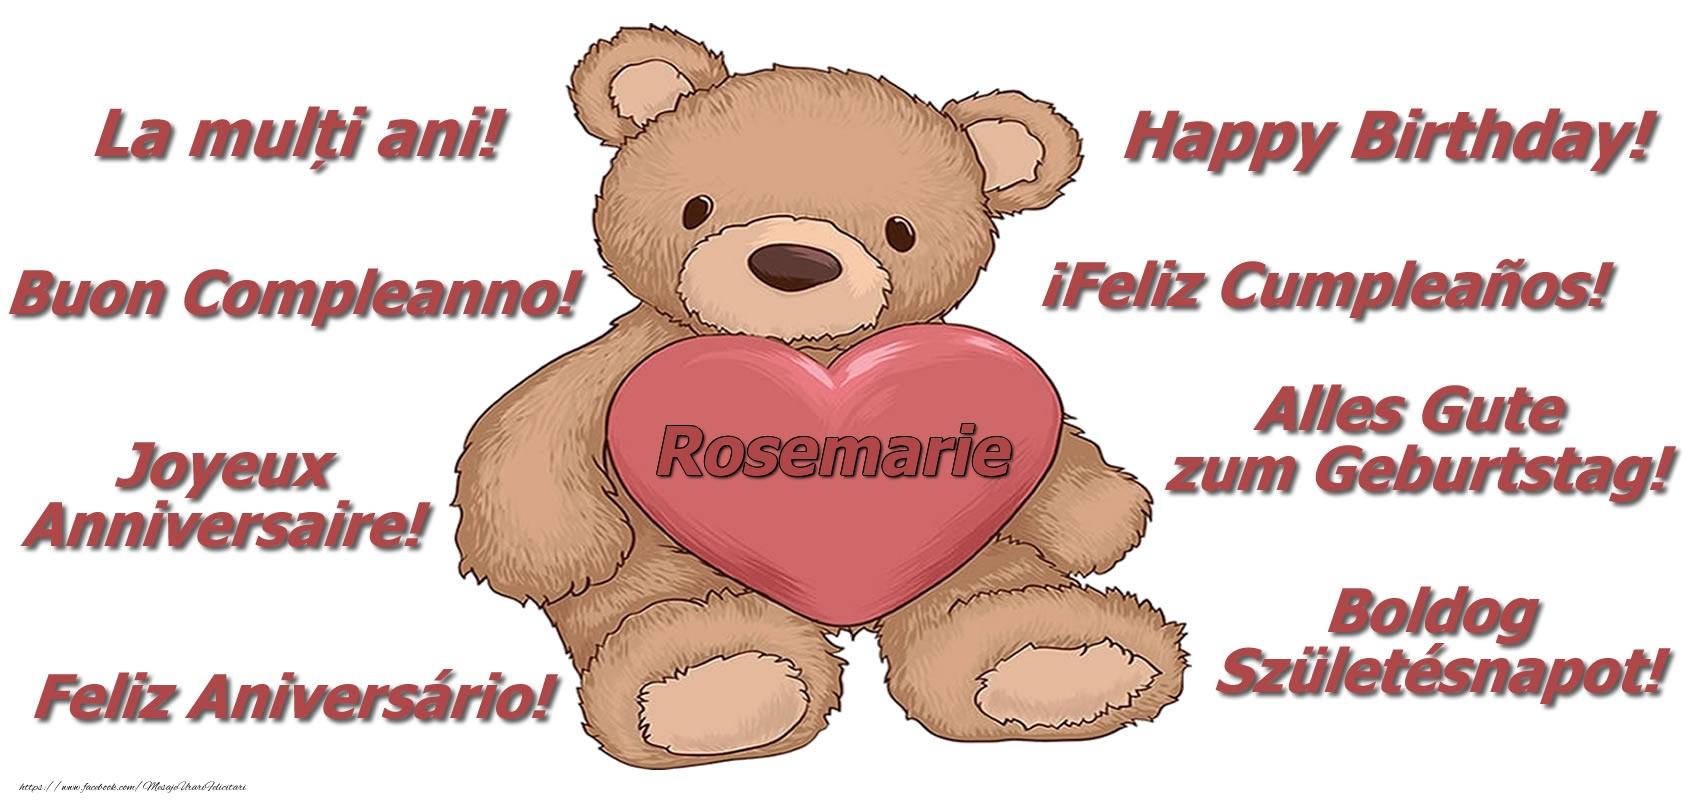 Felicitari de zi de nastere - La multi ani Rosemarie! - Ursulet